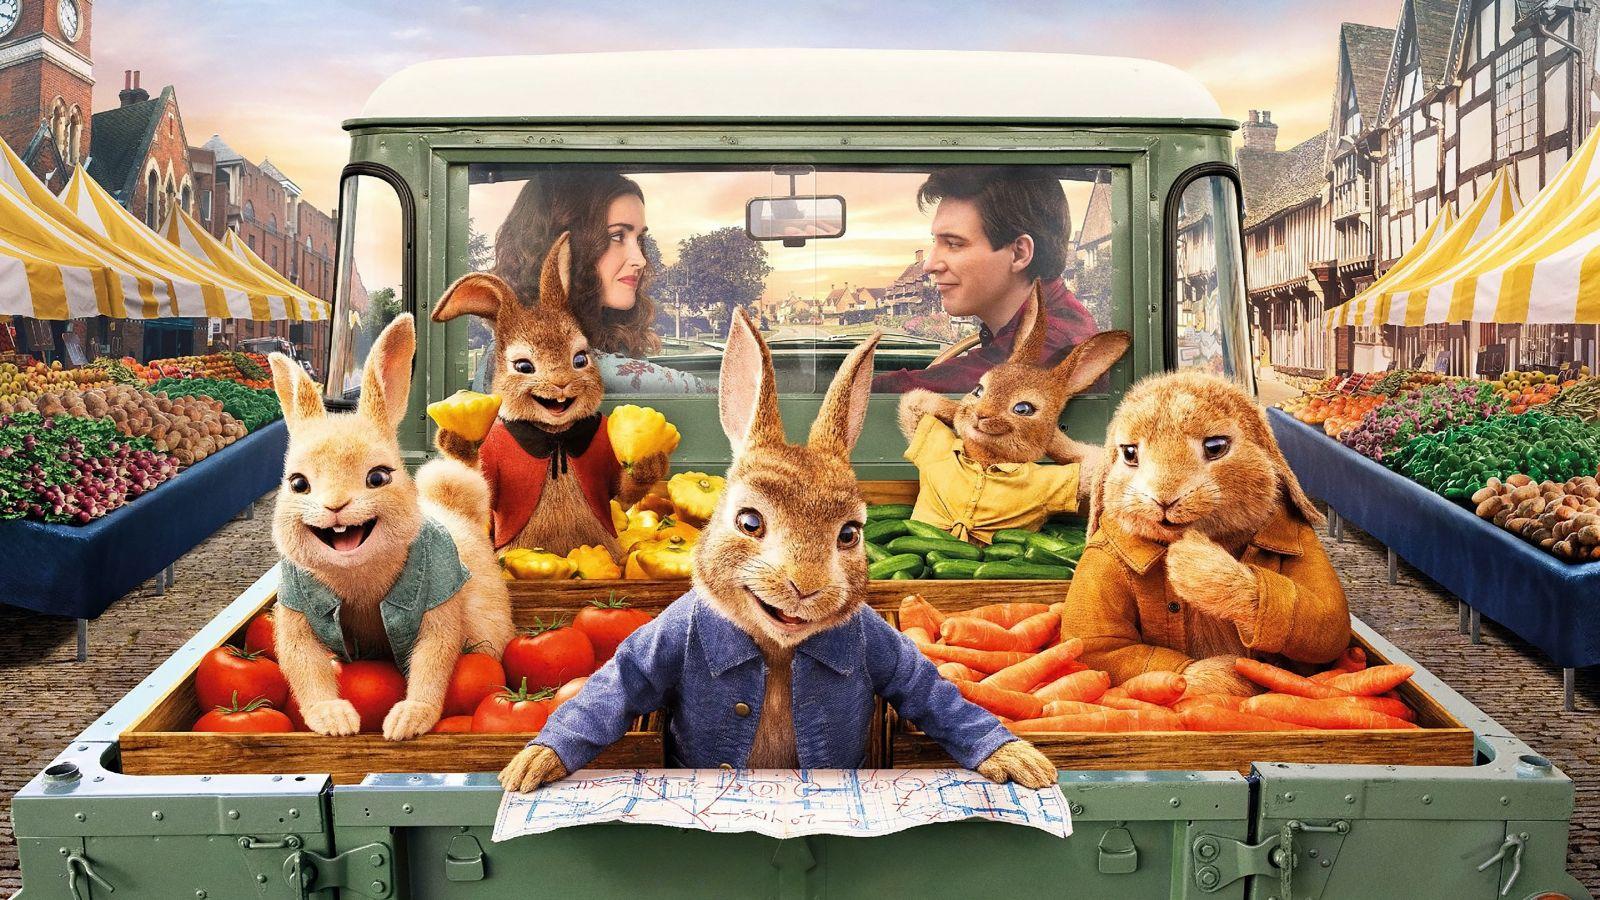 Peter Rabbit 2: The Runaway (2021) Full Movies Free Online Watching